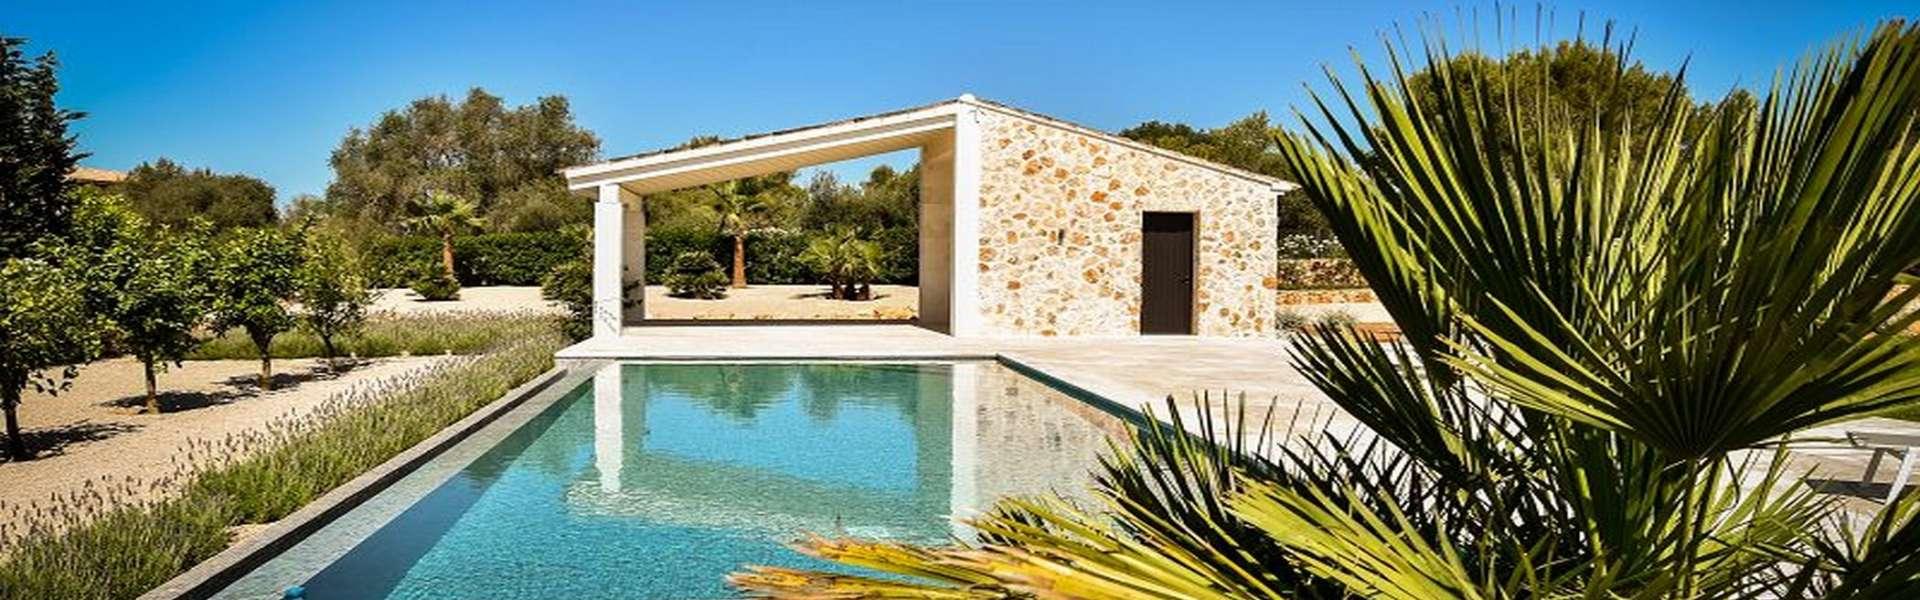 Ses Salines - Finca moderna con fantástica vista a la isla de Cabrera